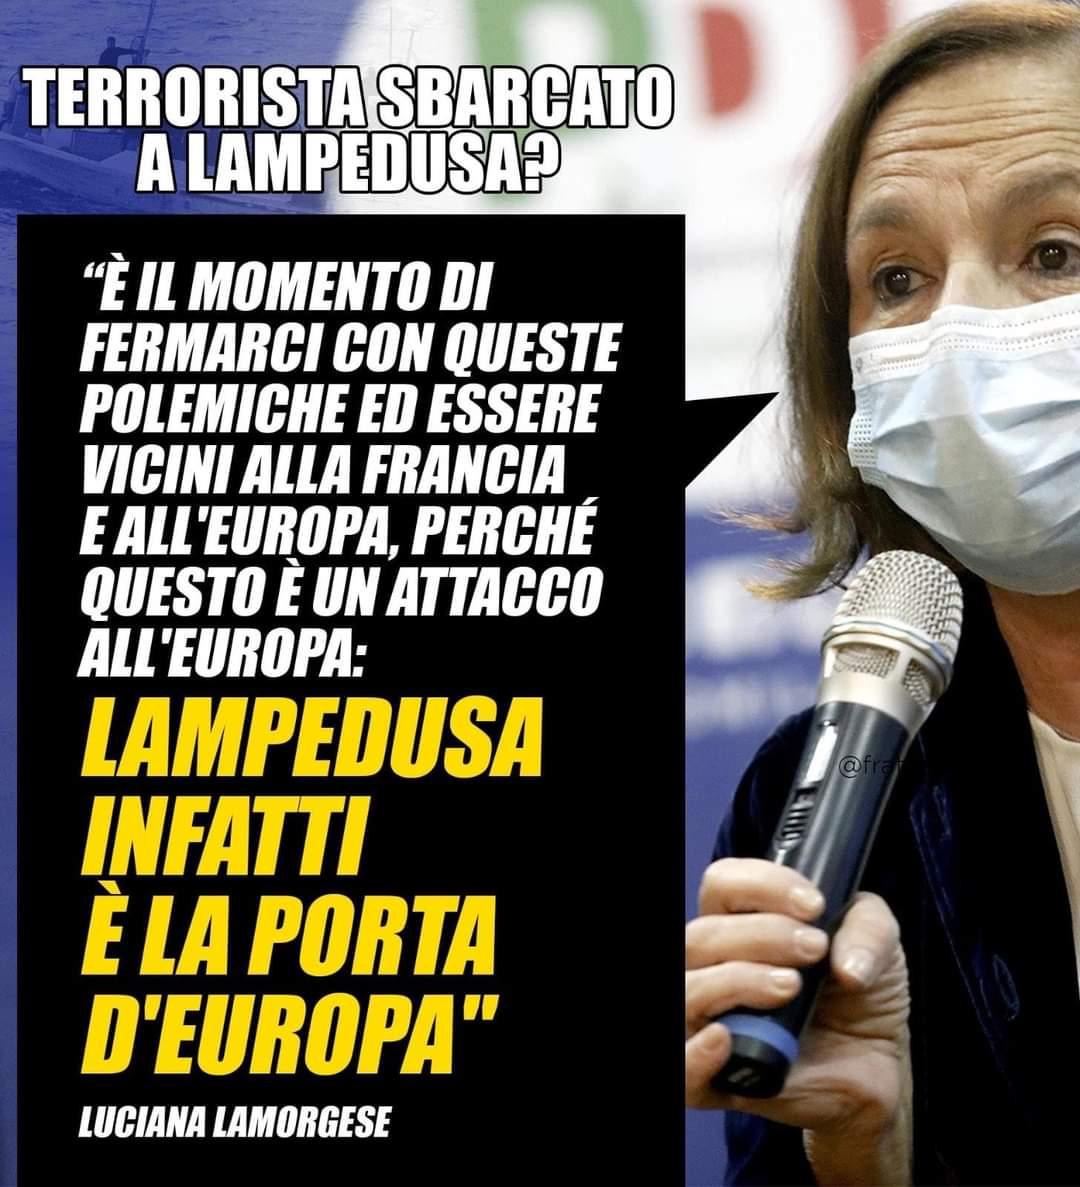 Il Ministro Lamorgese ha detto che il terrorista di Nizza è entrato da Lampedusa perché Lampedusa è la porta d'Europa. Il problema è che quella porta andrebbe chiusa e sorvegliata, non spalancata come fa la sinistra al governo, proprio perché è la porta d'Italia e d'Europa. https://t.co/qoOC4XTJ3K